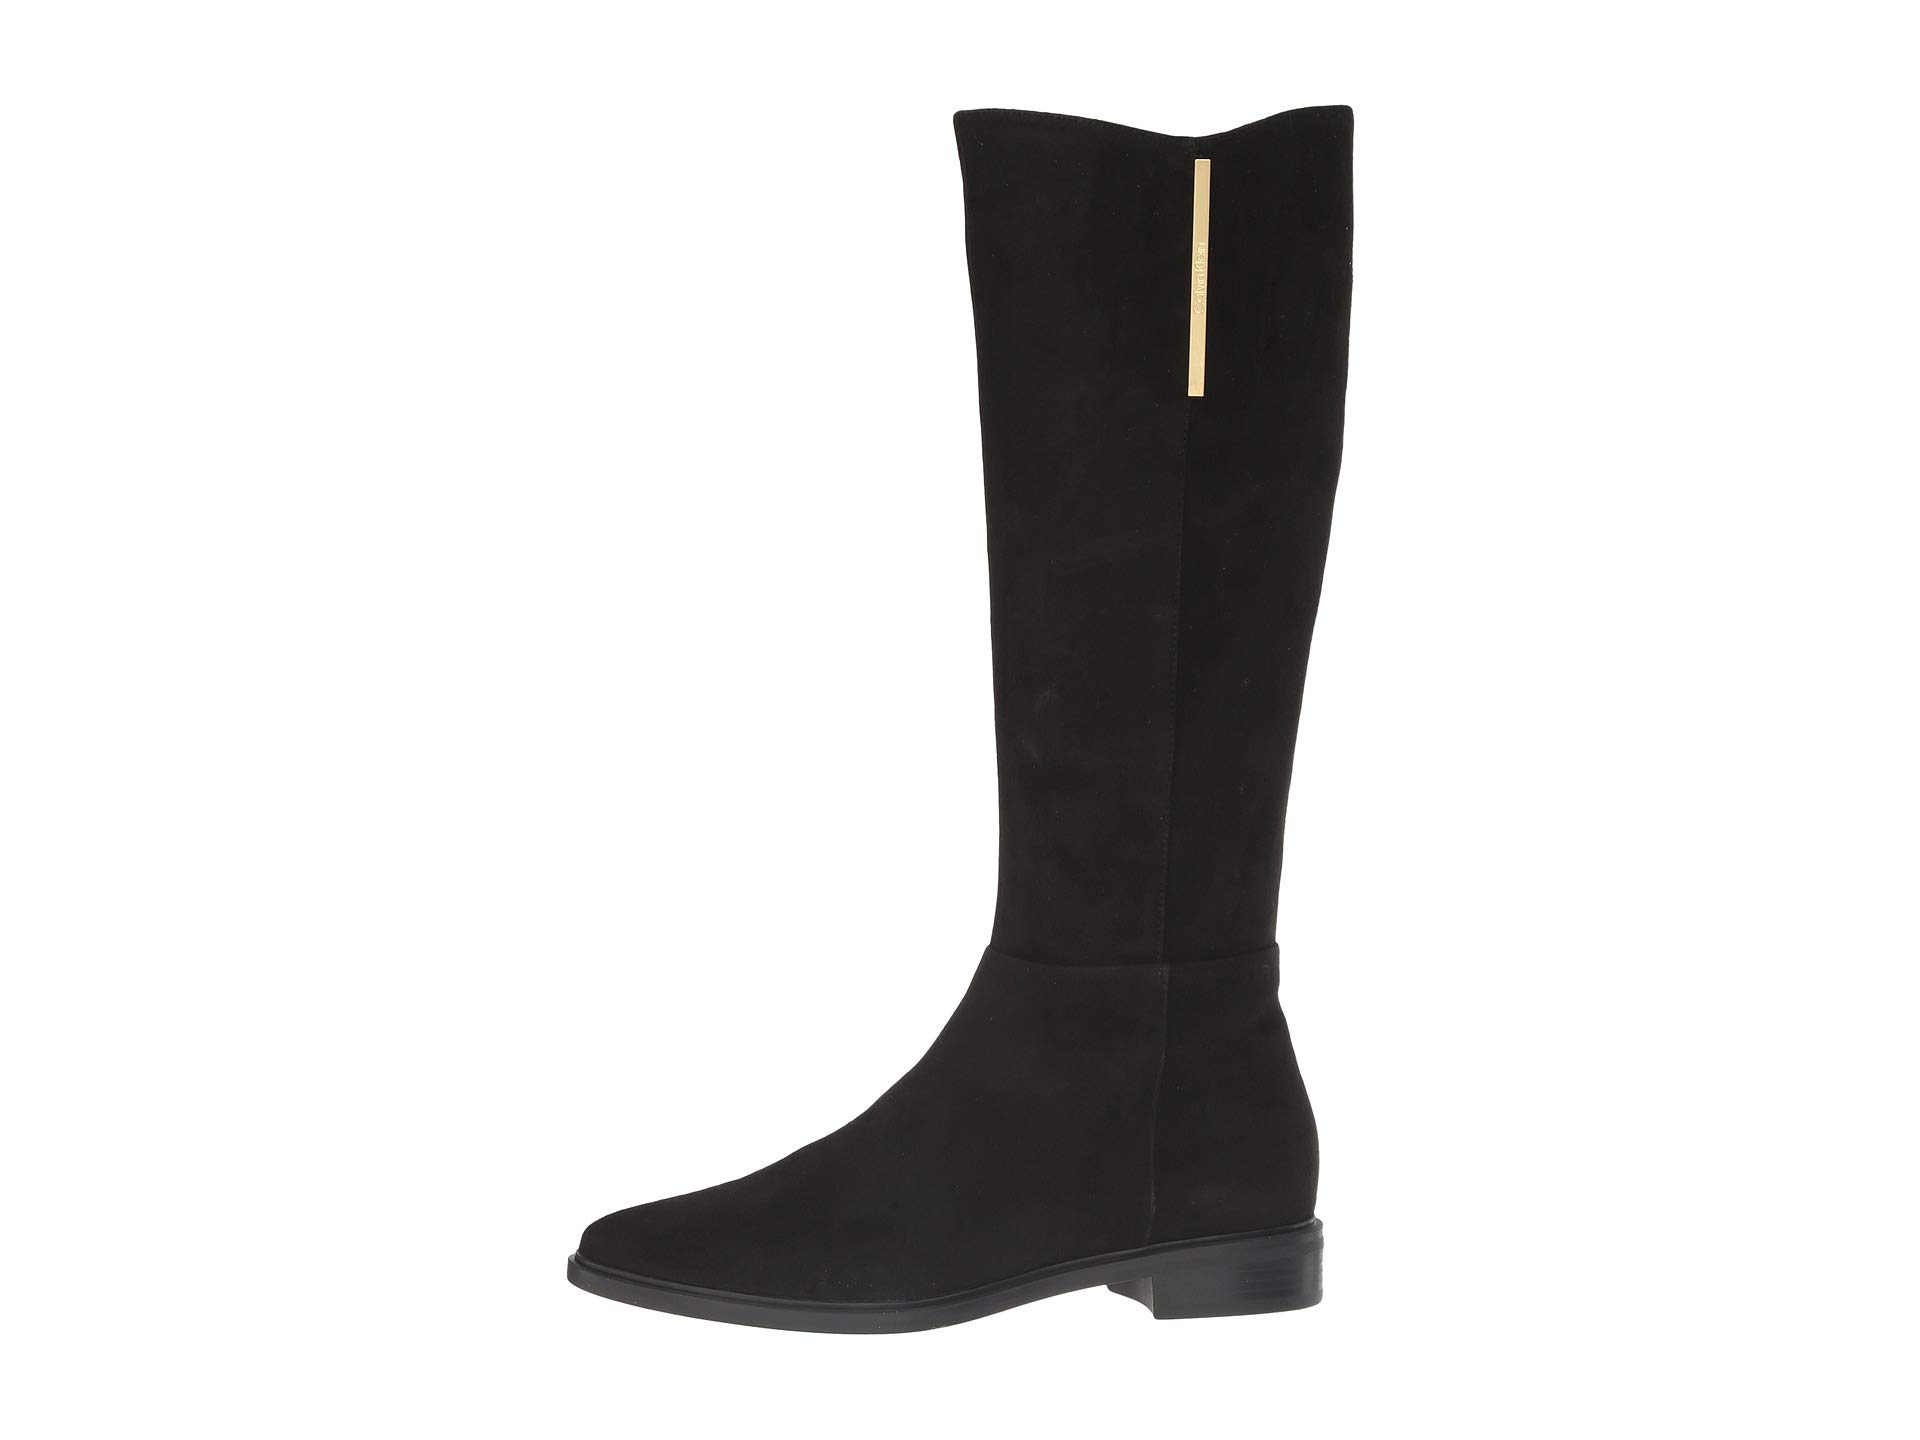 Francine Black Suede Leather Calvin Klein qZwHX5a